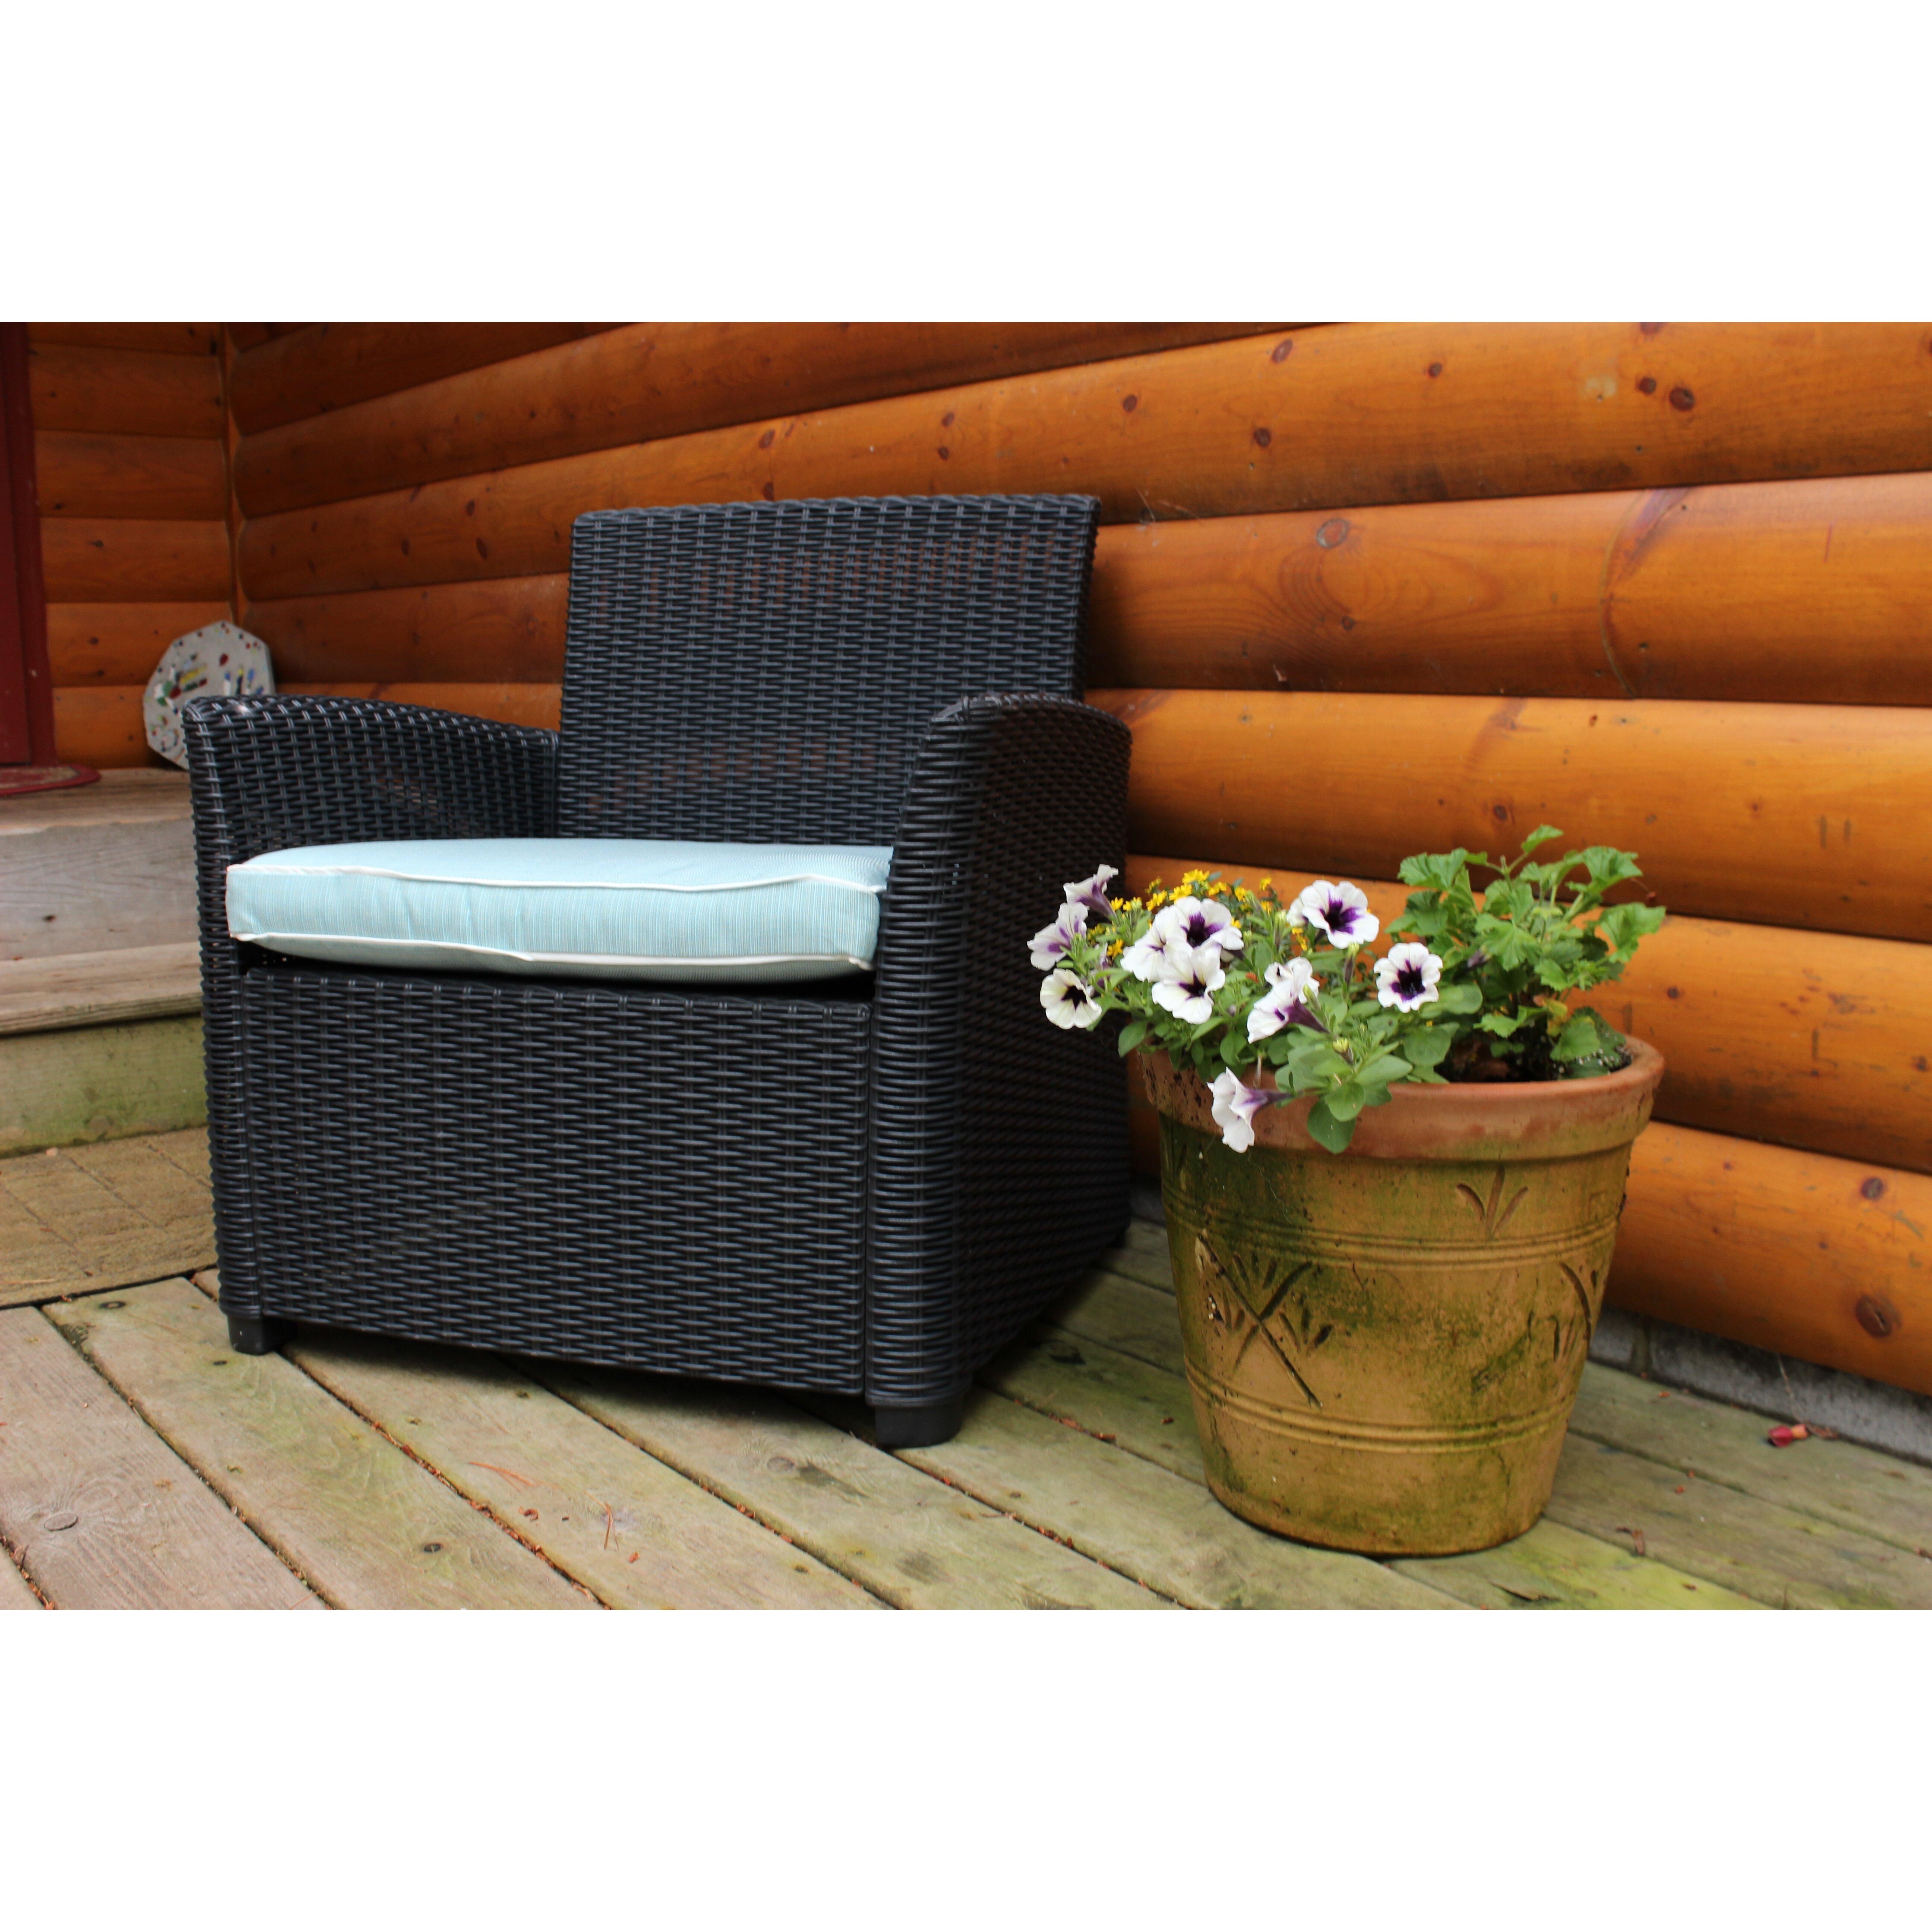 Strata Furniture Gardenia Patio Chair